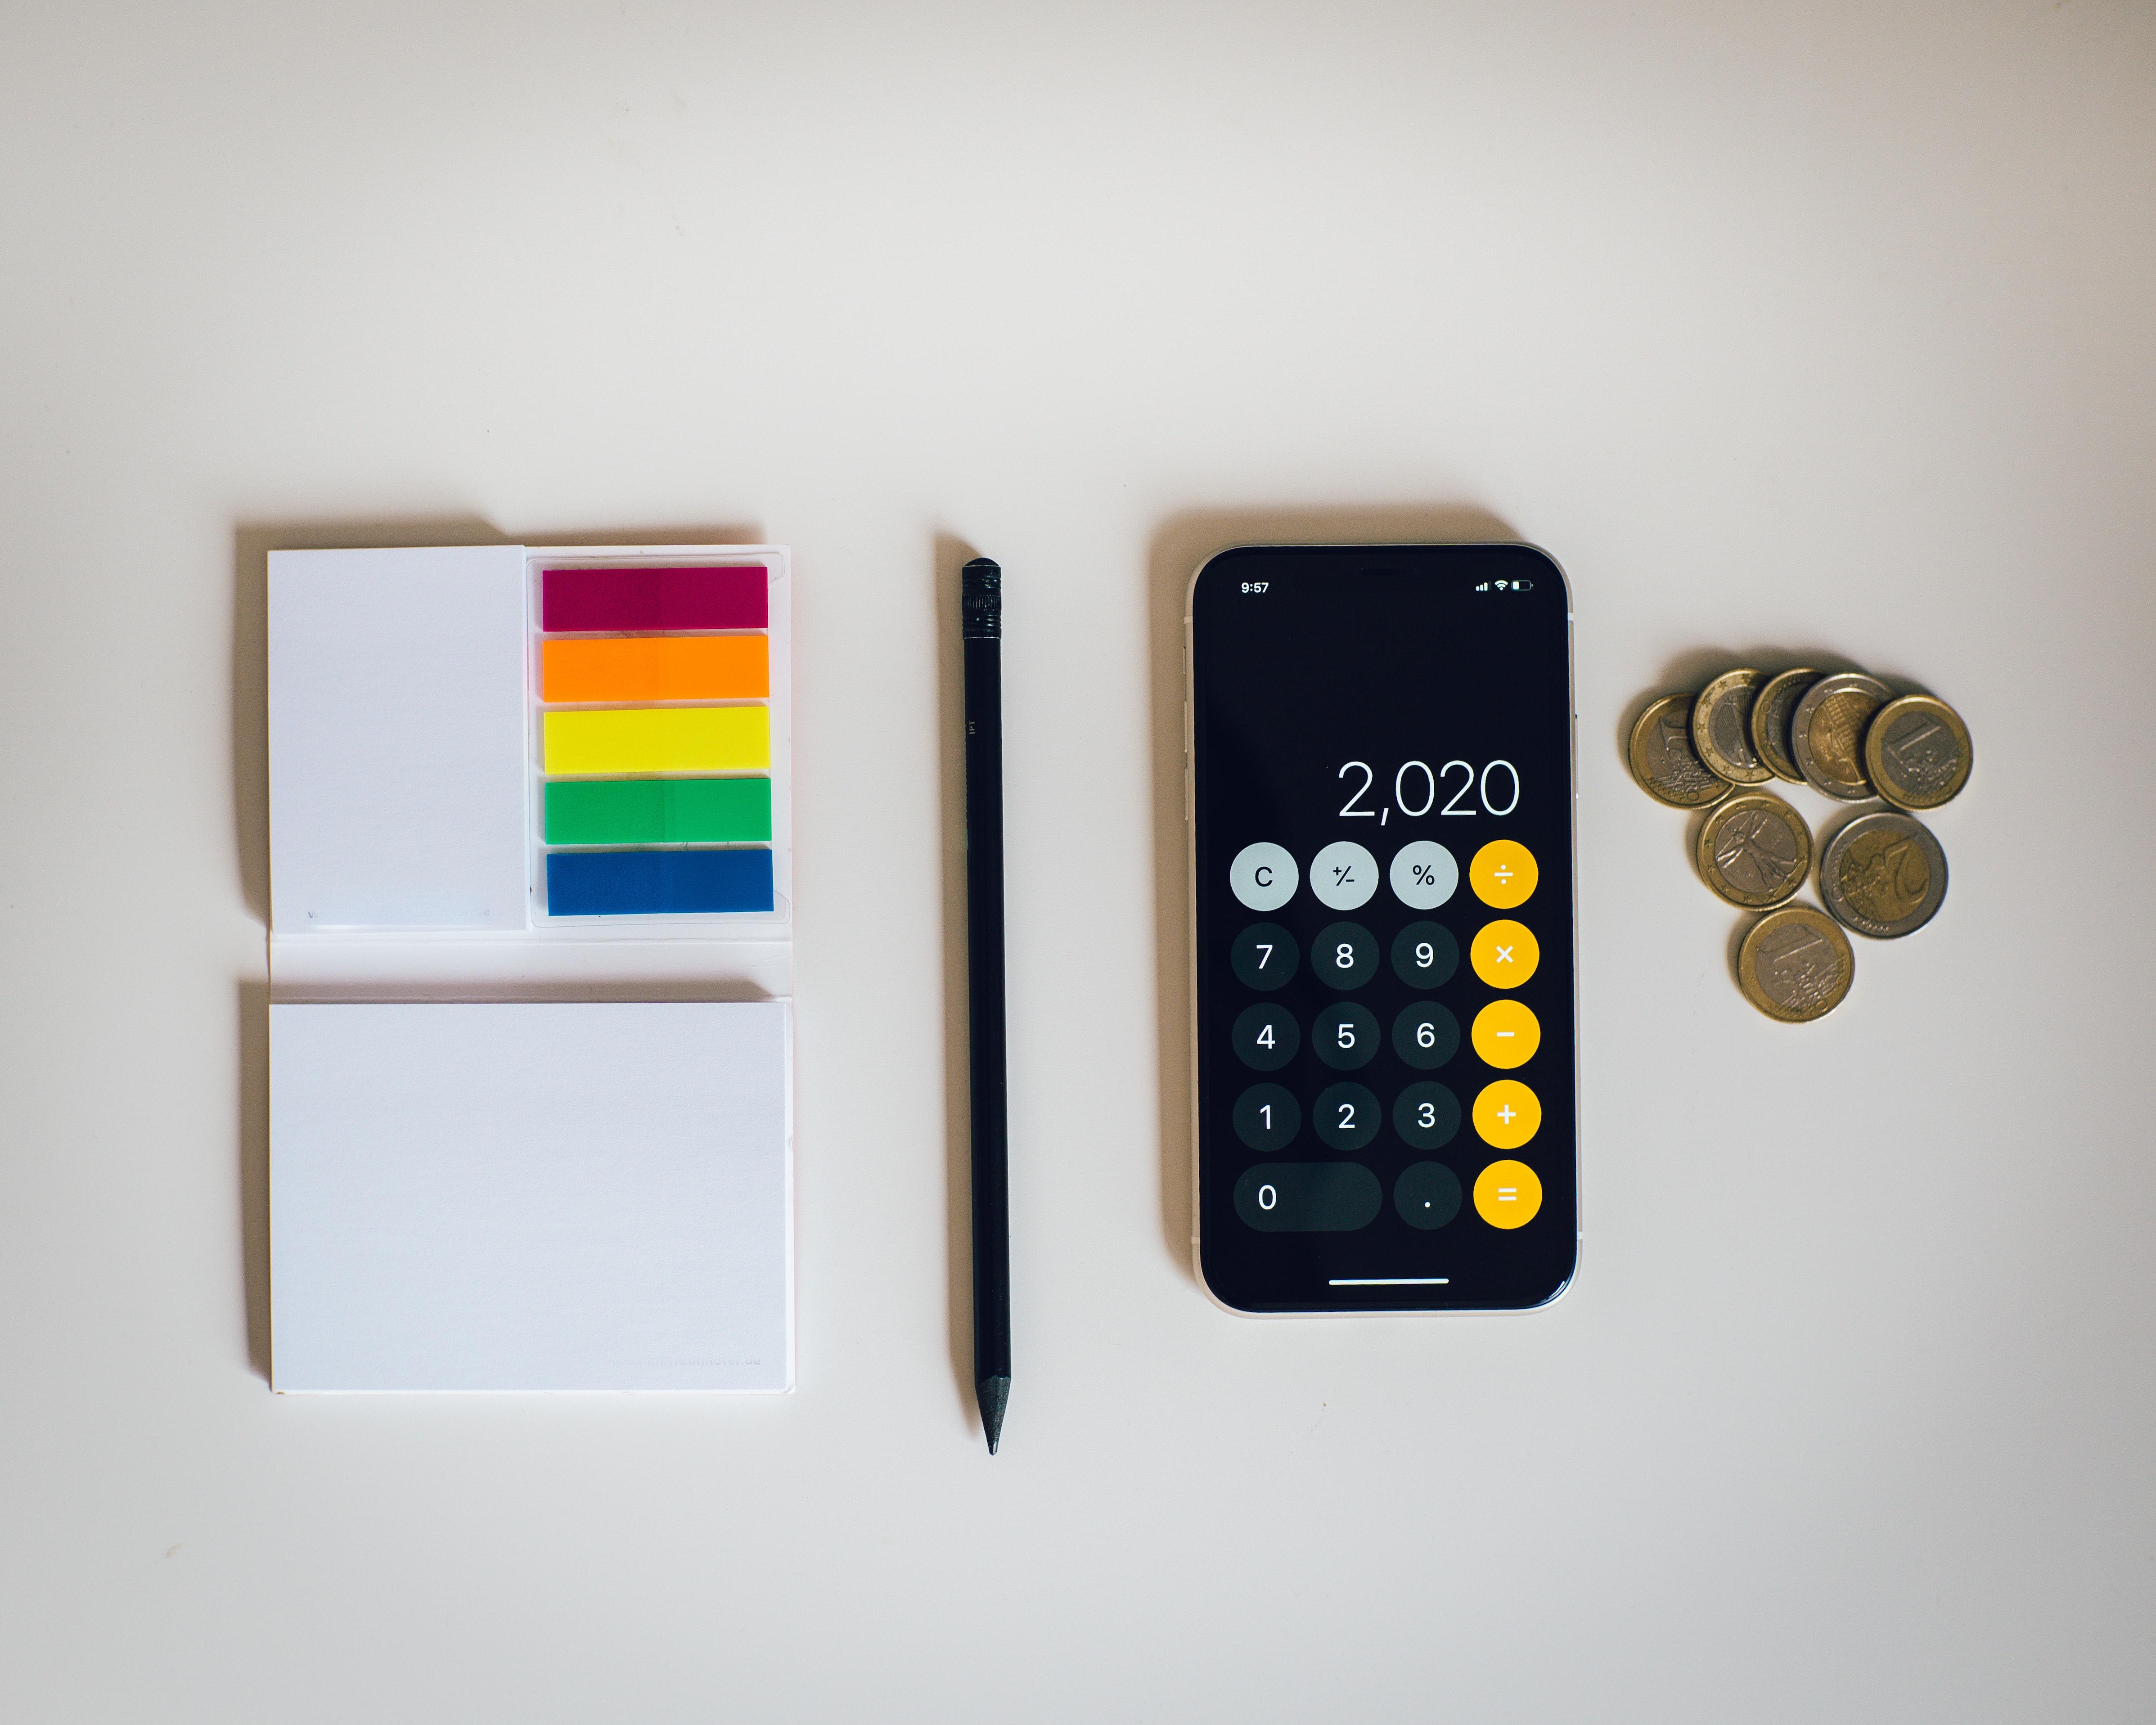 Калькулятор в телефоне и монеты для подсчета налогов